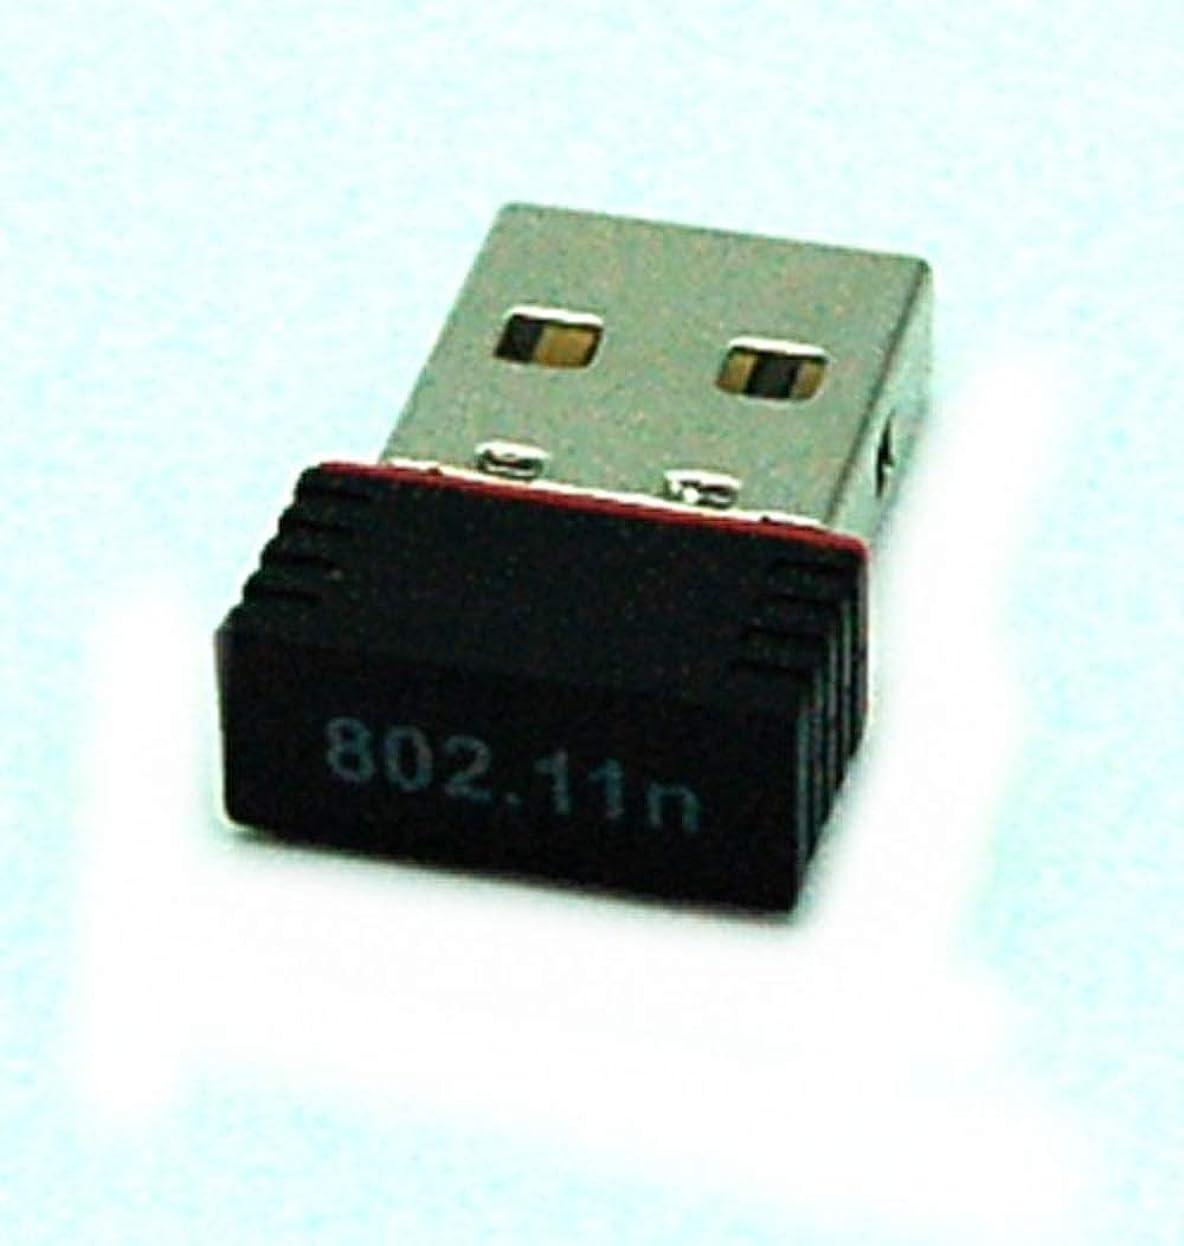 リタプロショップ? Wi-Fi 無線LAN 子機 ドングルUSBアダプタ 小型 150Mbps 2.4GHz IEEE 802.11n